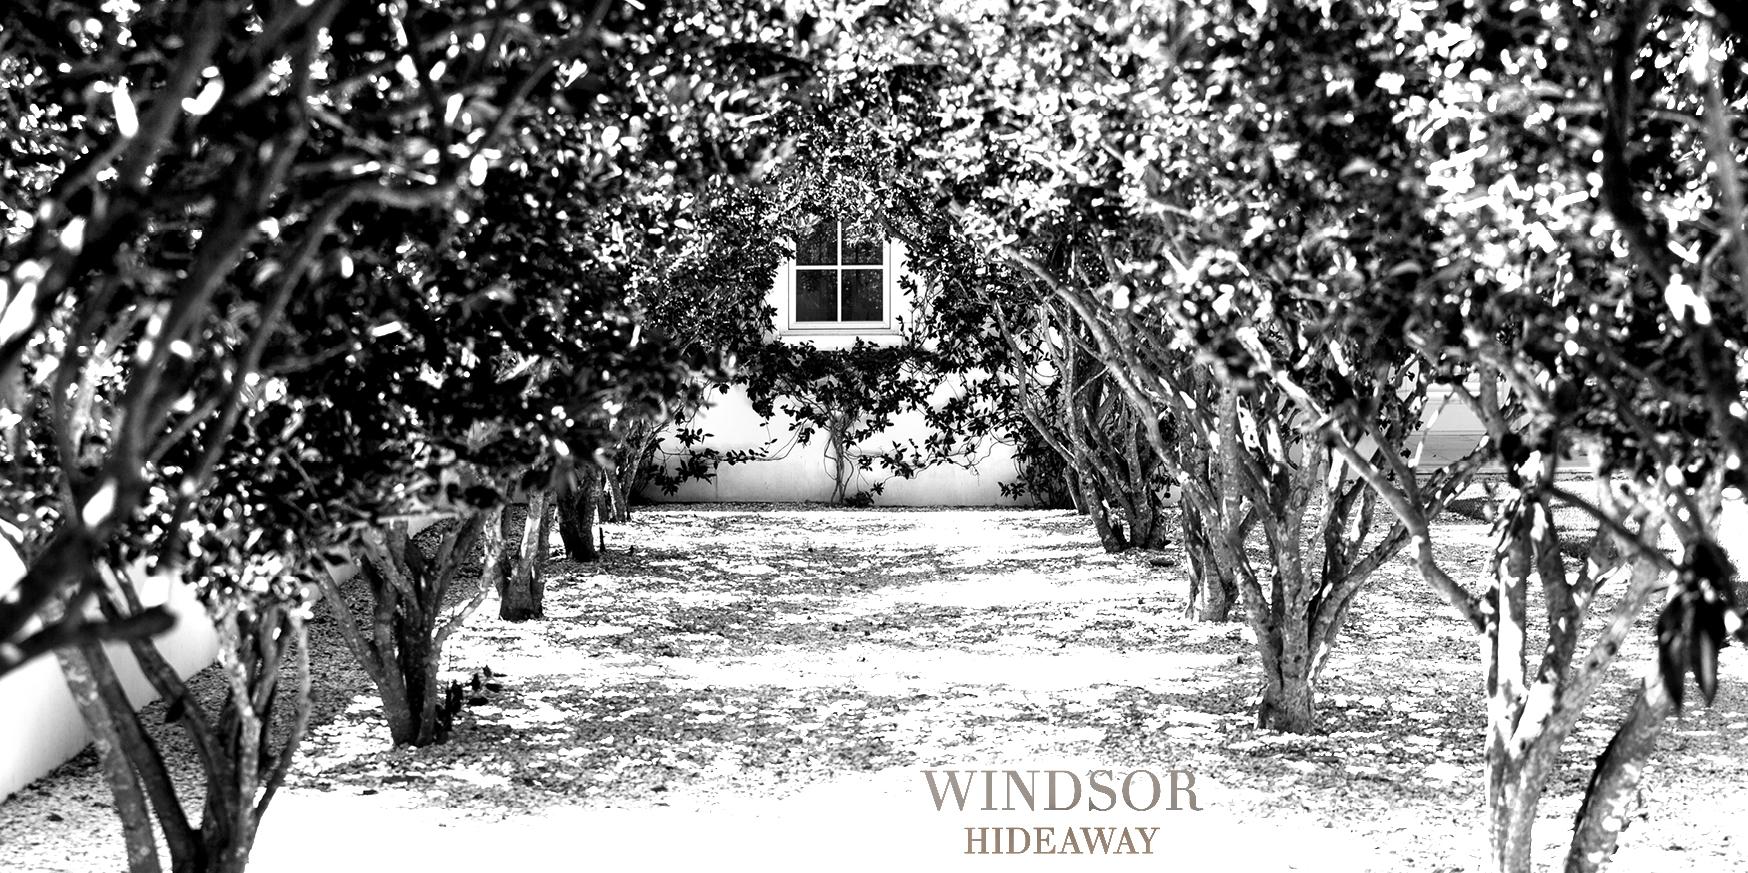 WINDSOR HIDEAWAY Cover copy.jpg